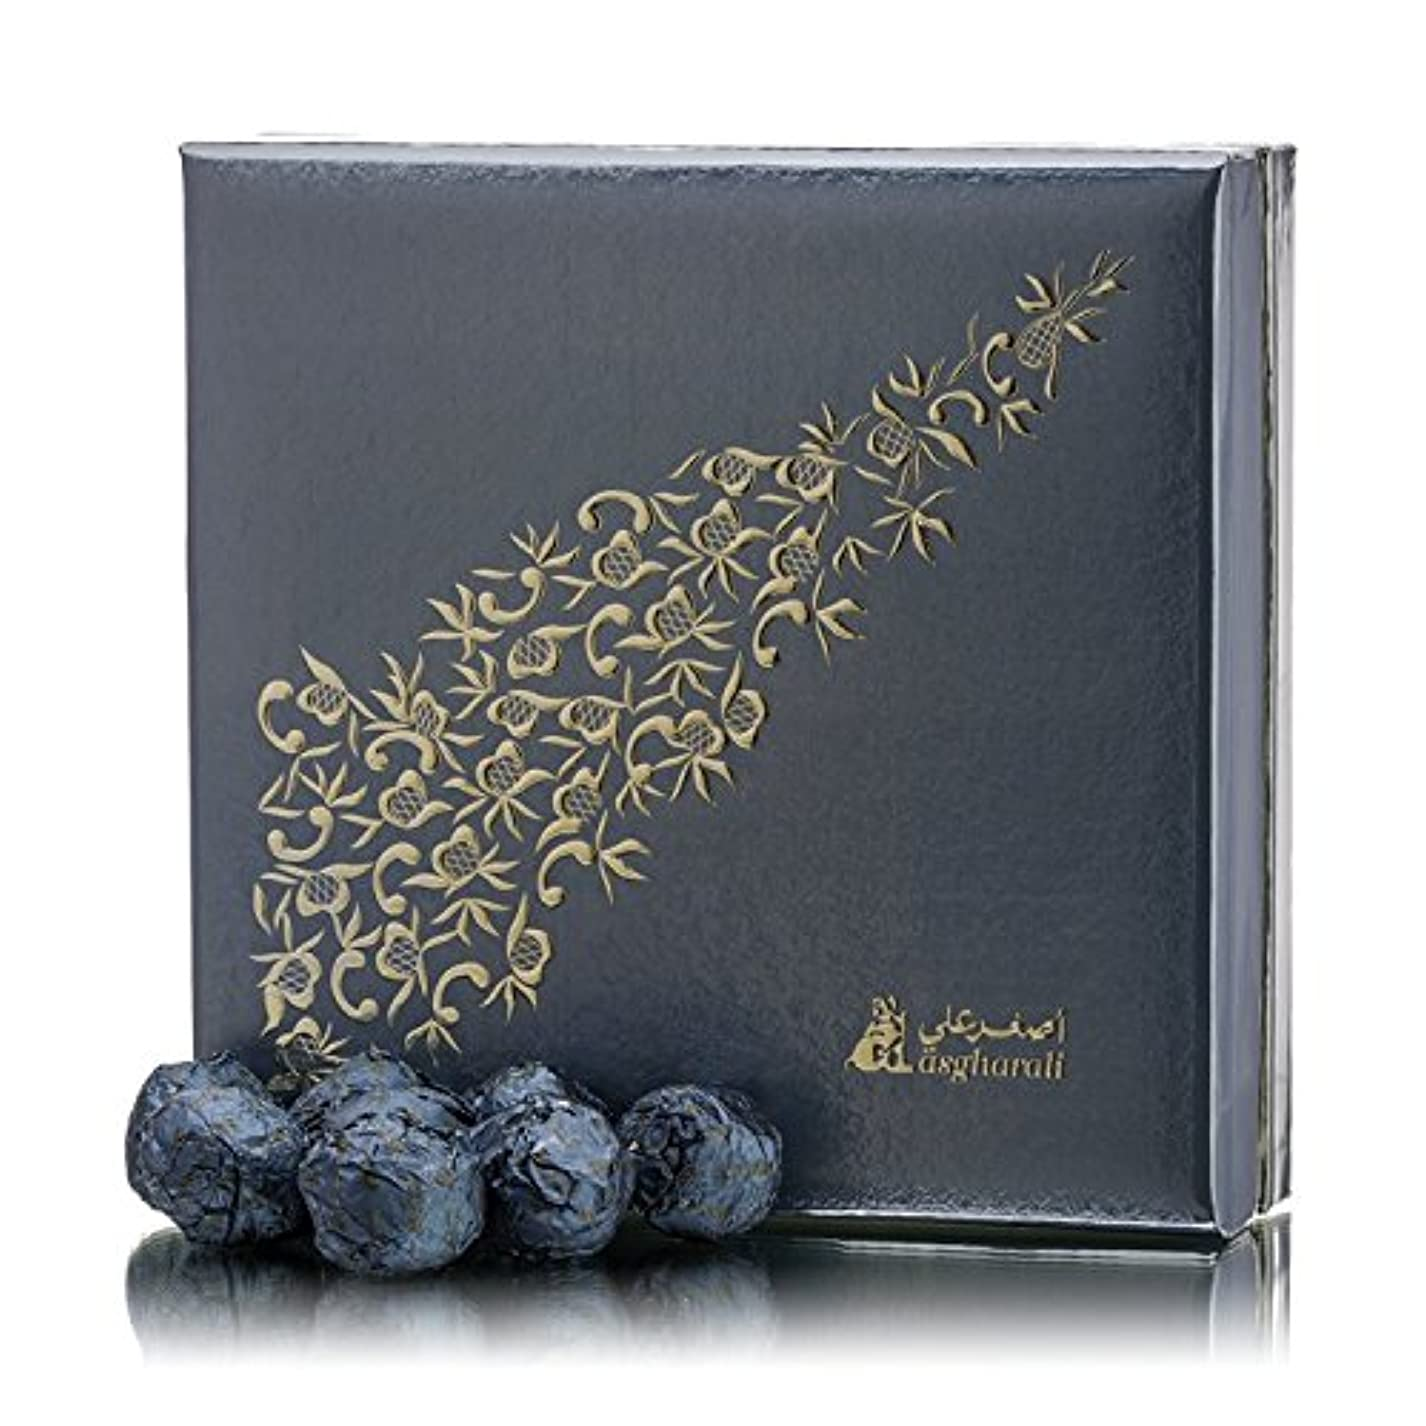 プライム仕方状態Asgharali debaaj mustabaraq 300ミリグラム – Shay Oud、花柄、Woody、Oriental Incense Limited Edition Bakhoor